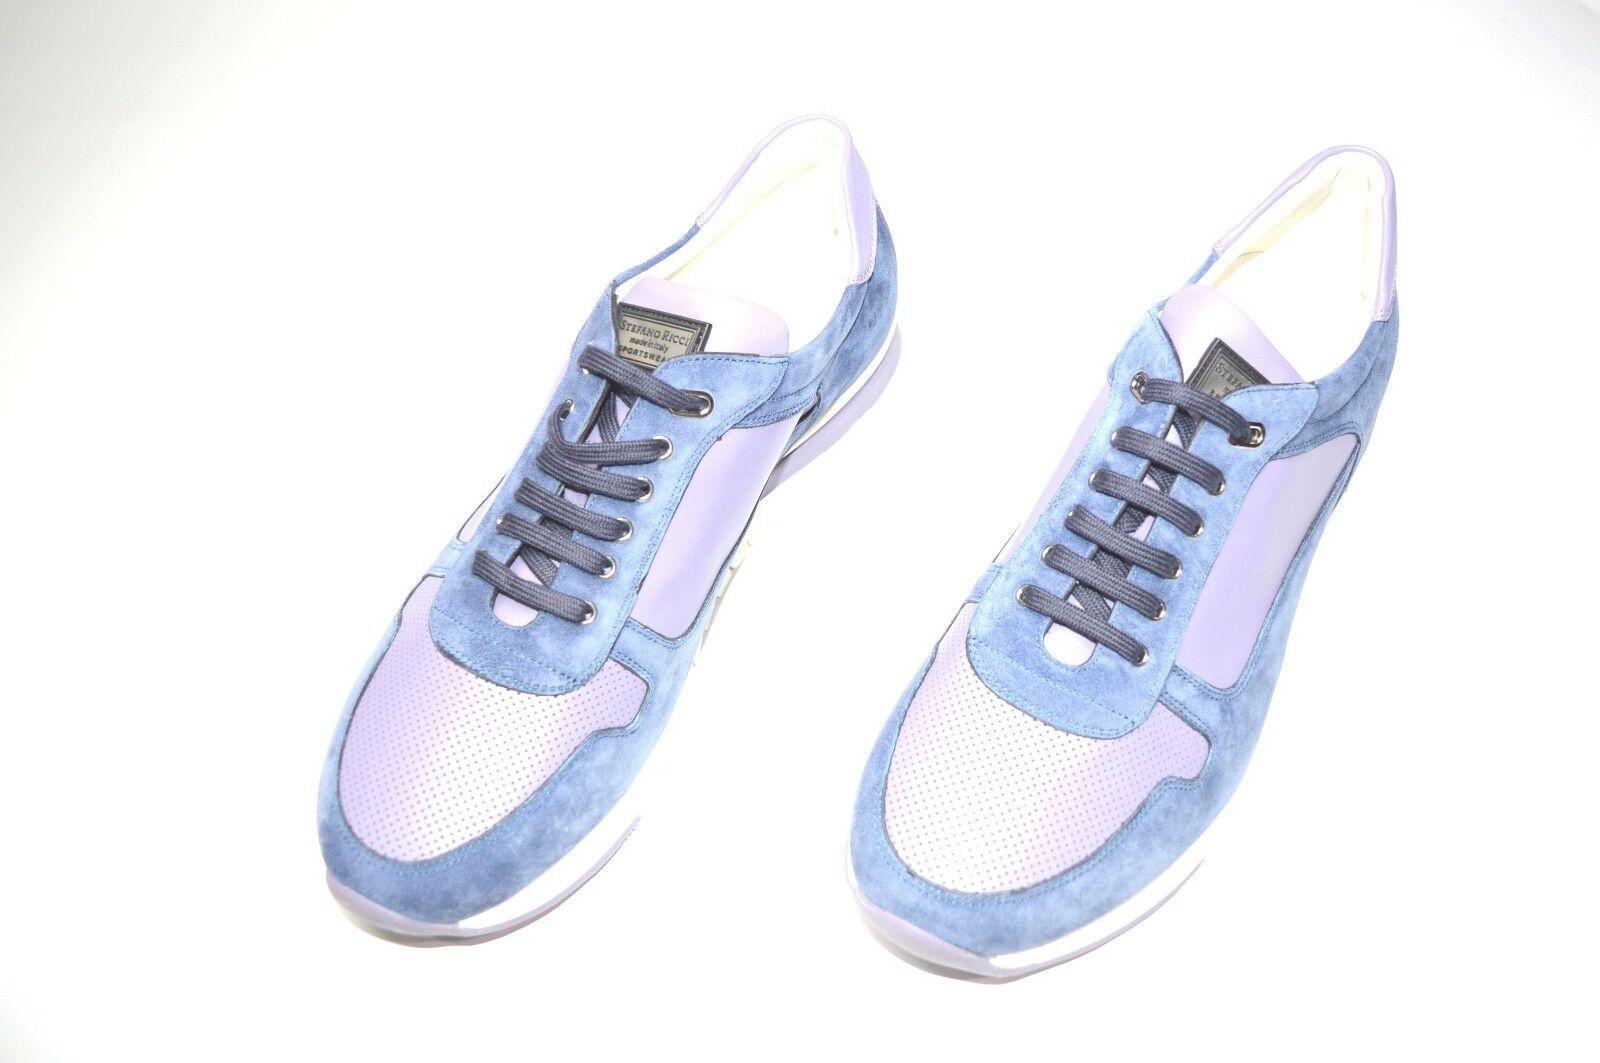 Nuevo De Lujo Cuero STEFANO RICCI Zapatos Talla nos 7.5 (COD A212)